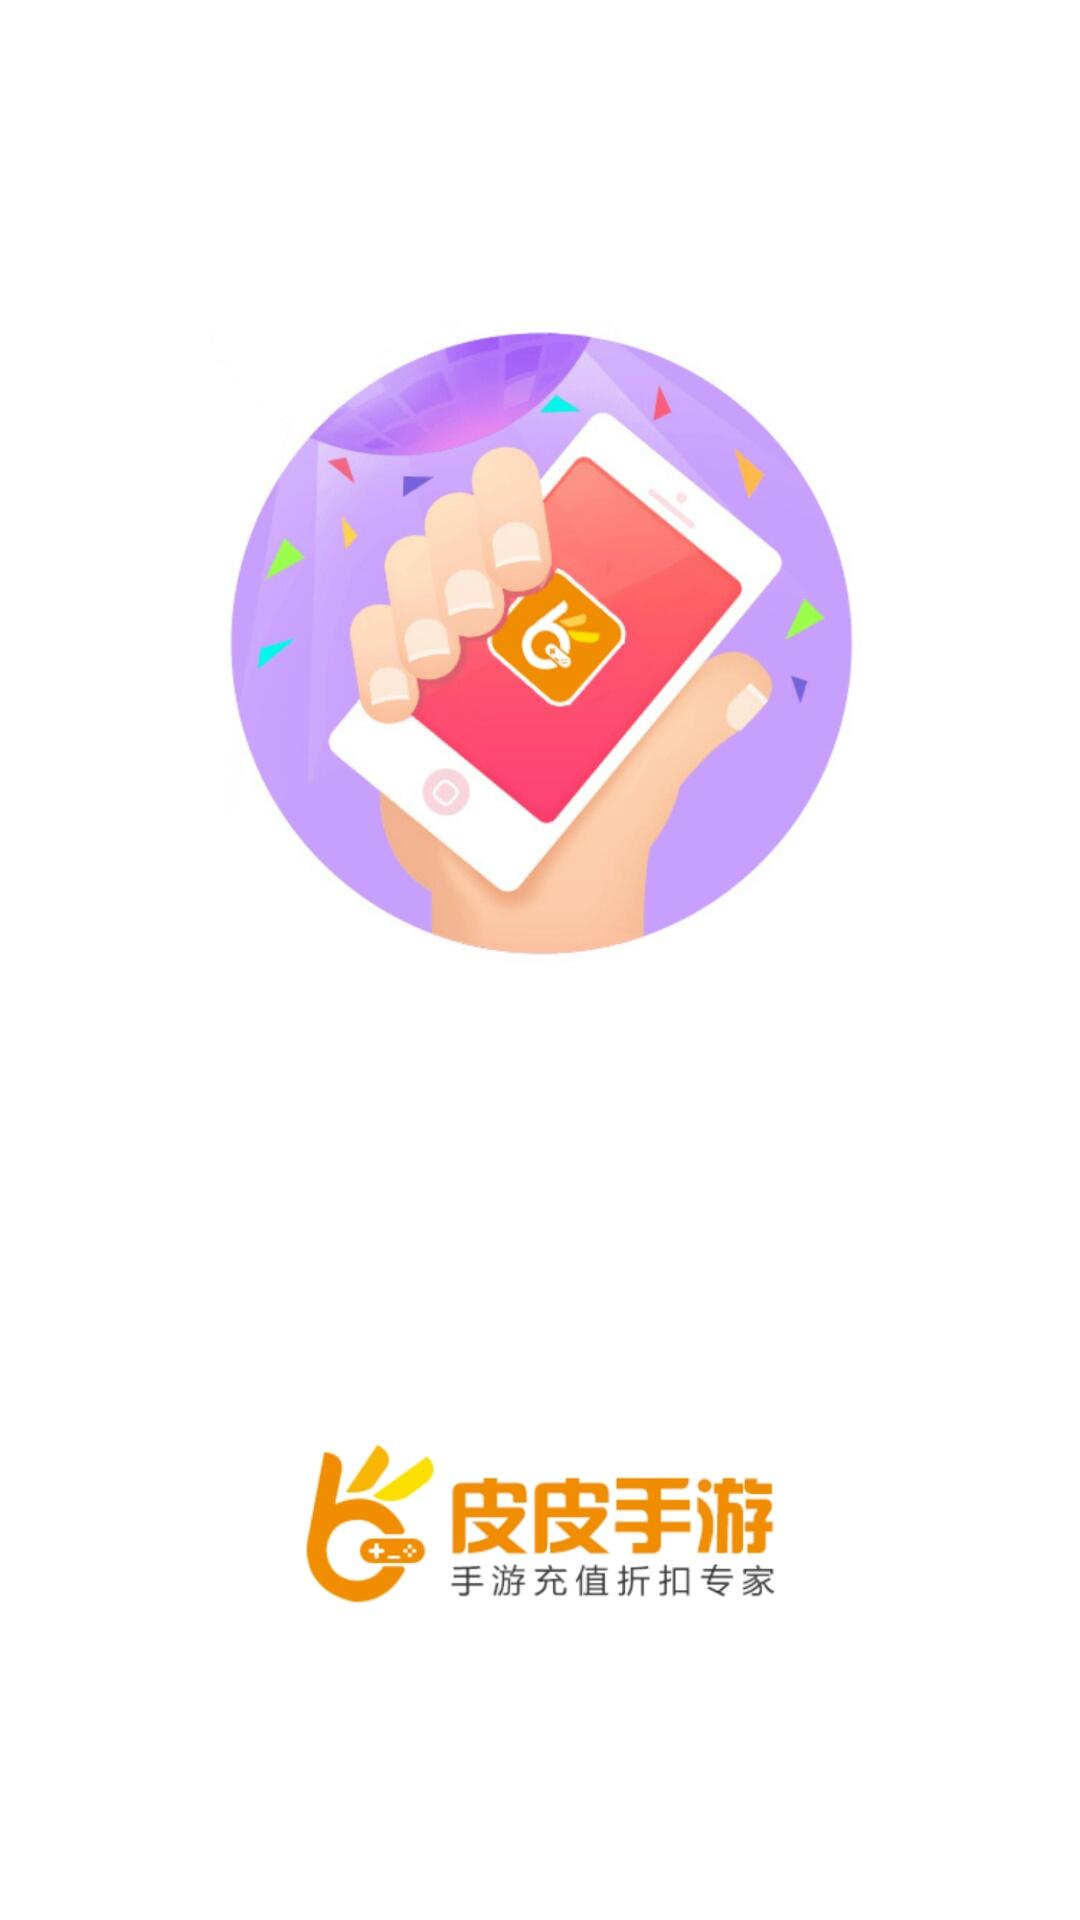 皮皮手游助手(手游充值) v1.6.0 官方安卓版 3